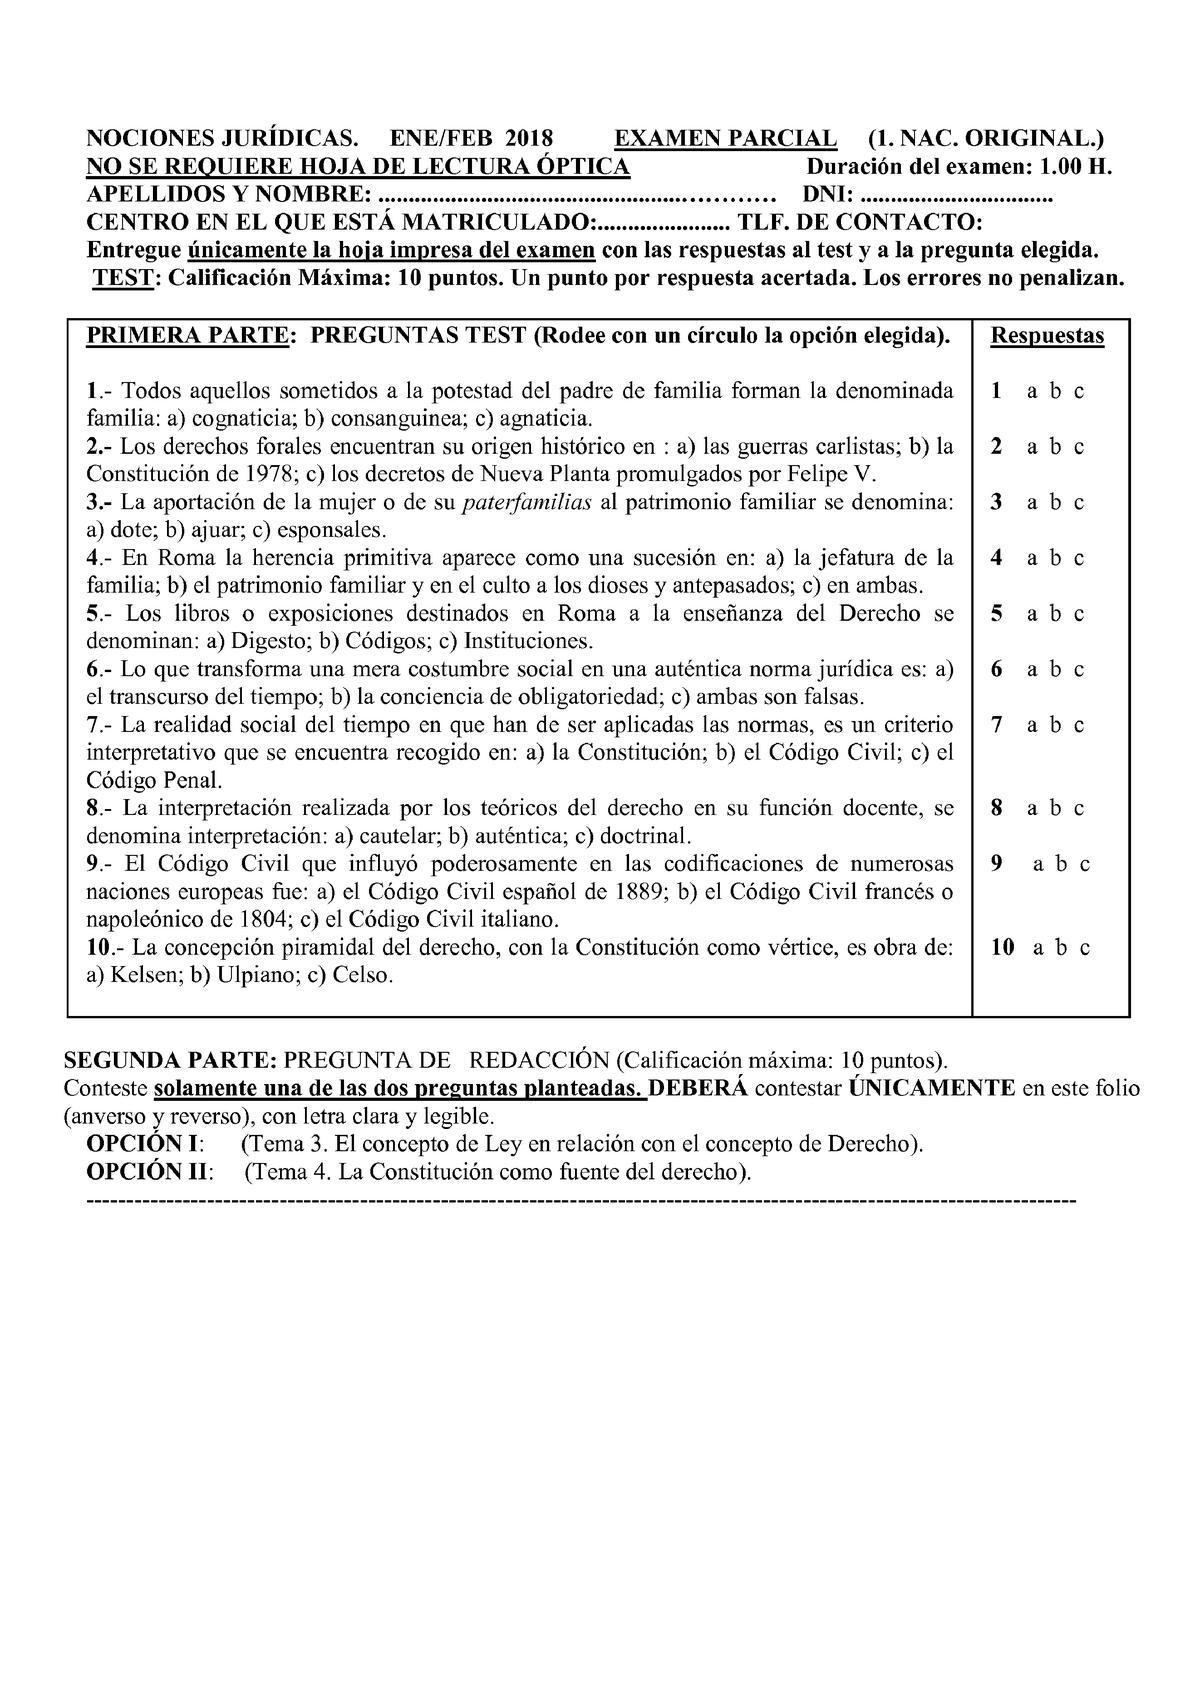 Examen 24 Mayo Preguntas Nociones Juridicas Ene Feb 2018 Examen Parcial Nac Studocu